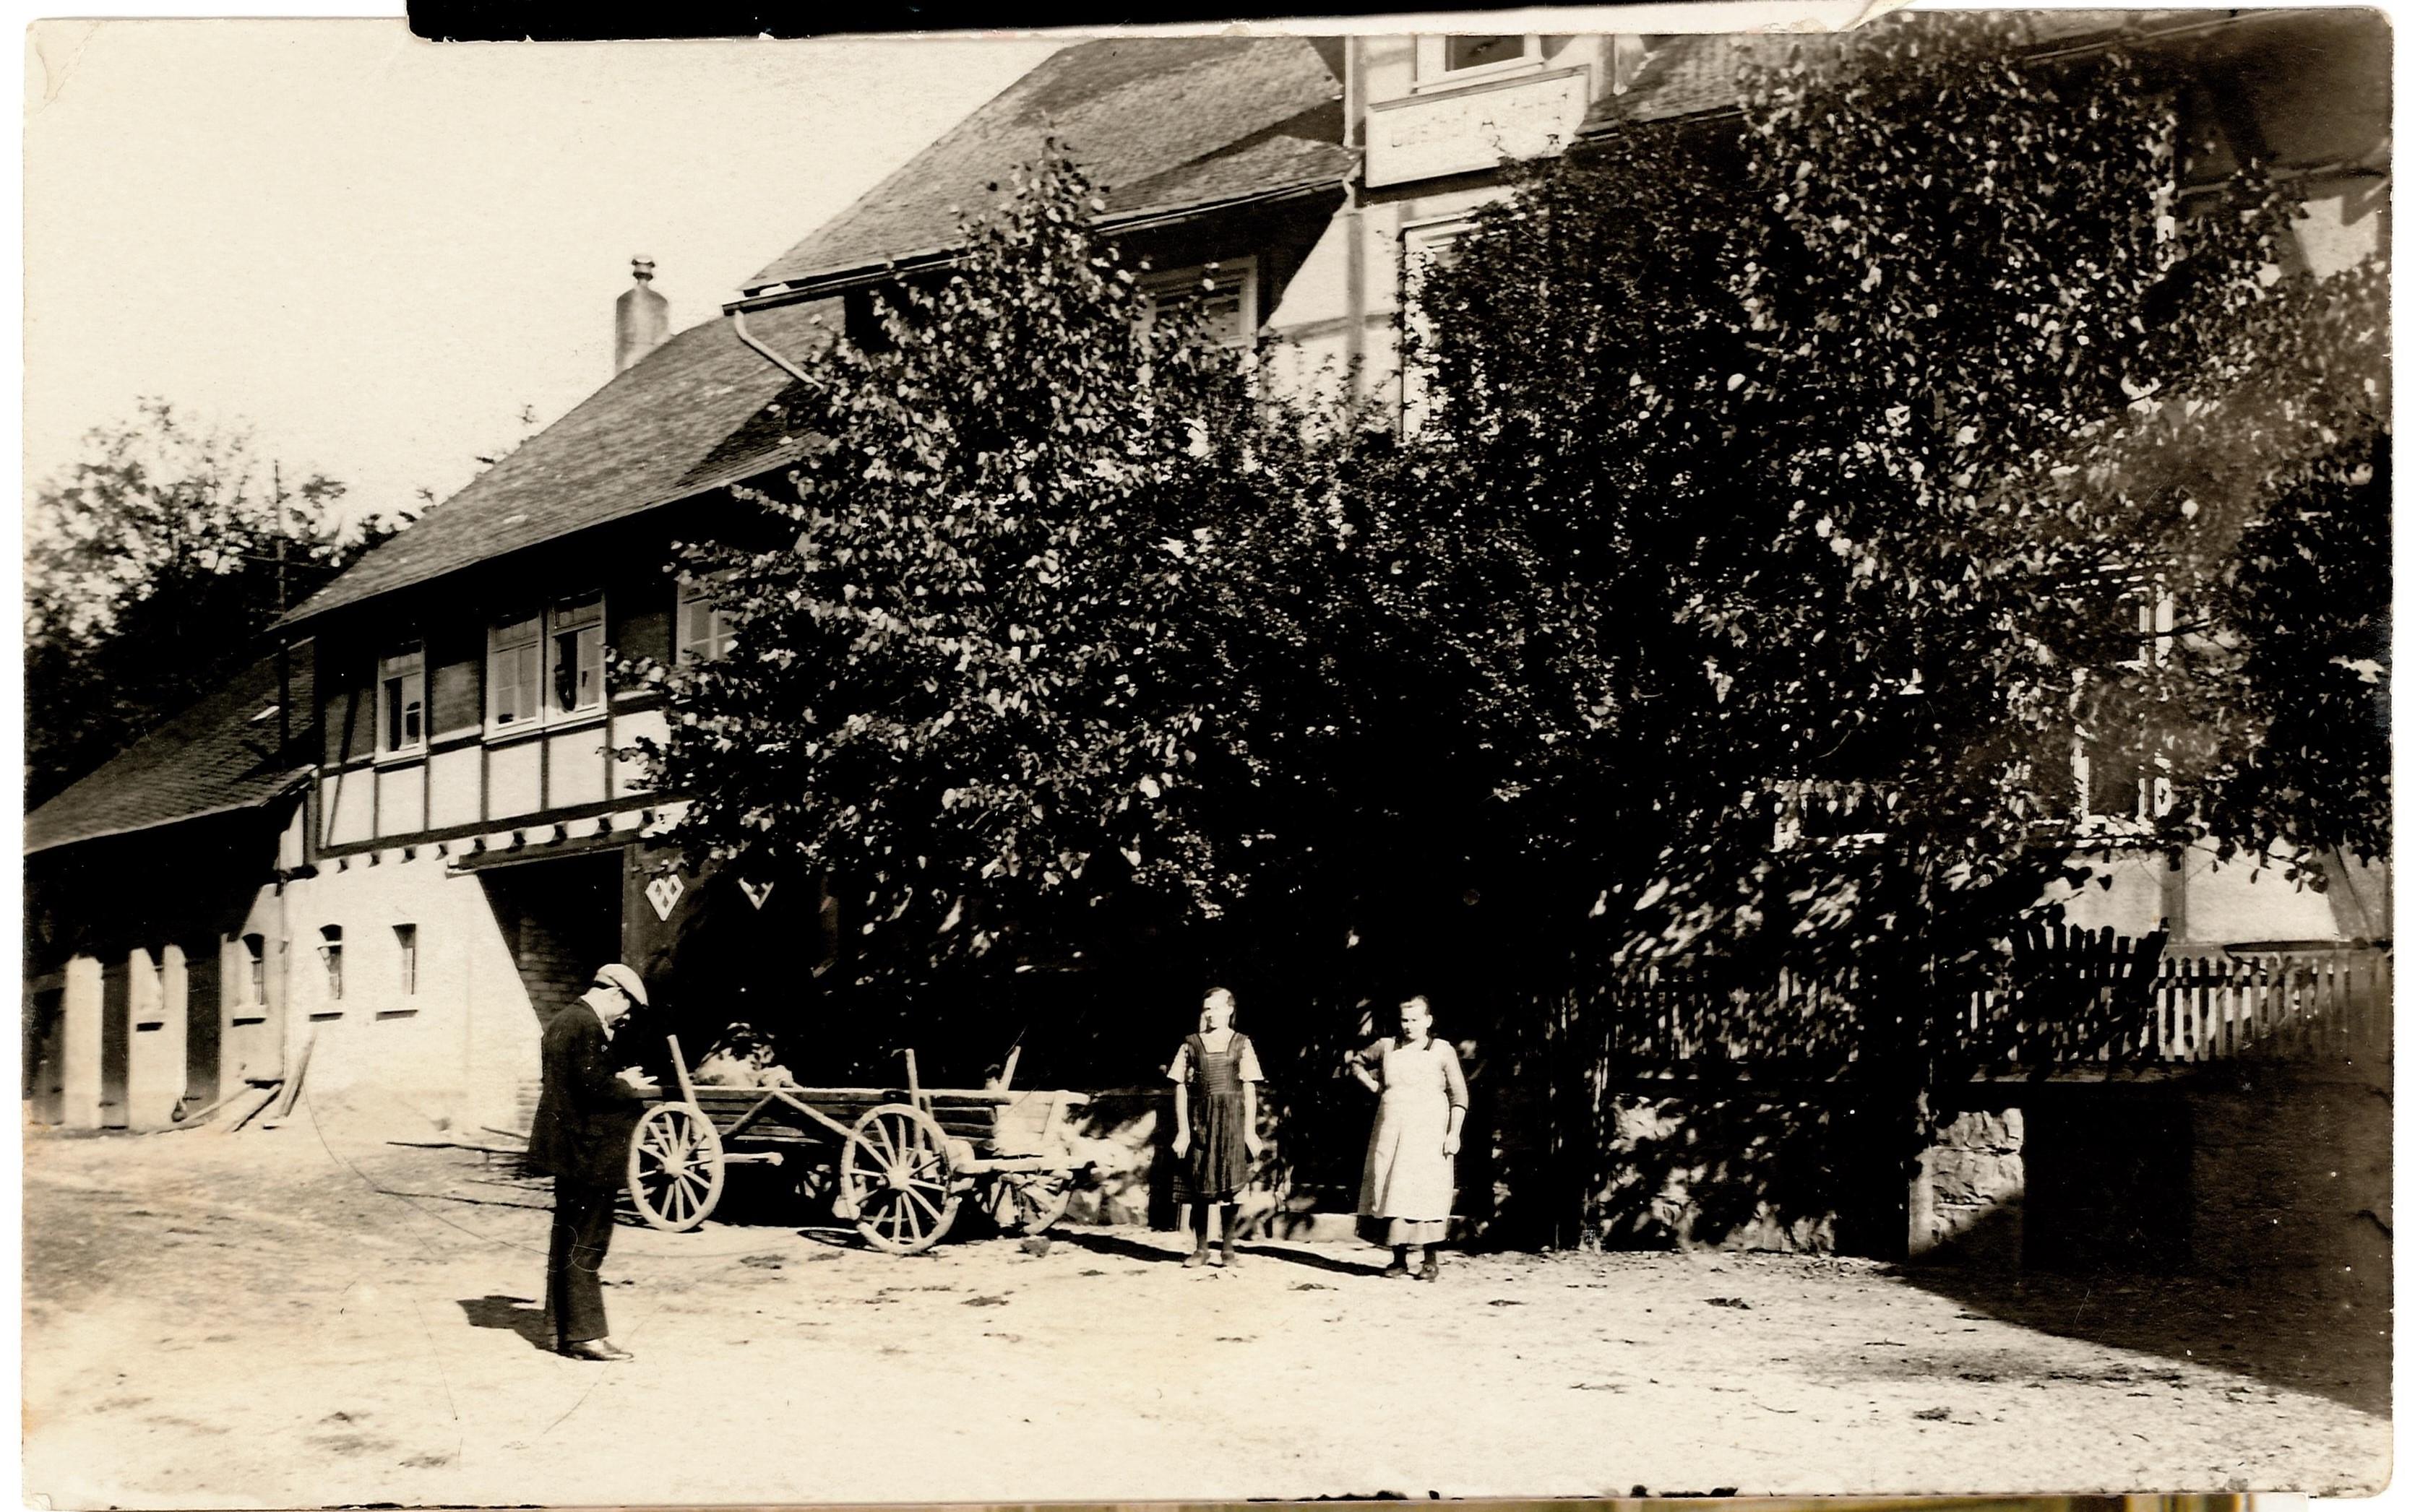 1930 Gasthof Aufmhoff